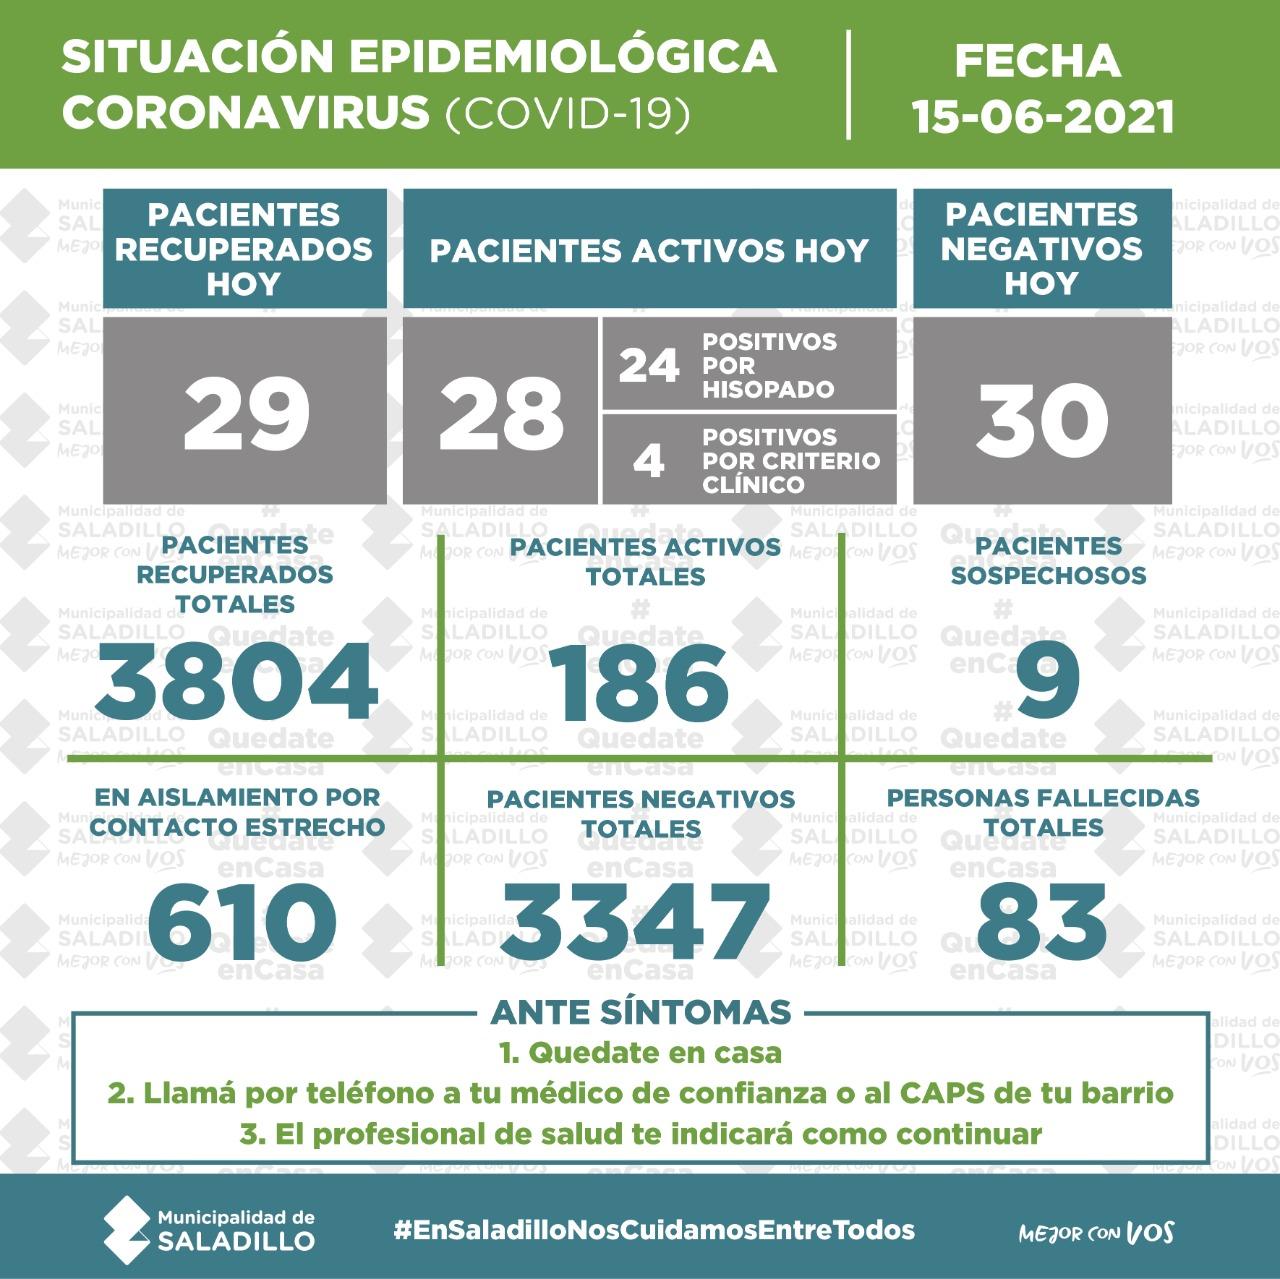 SITUACIÓN EPIDEMIOLÓGICA EN SALADILLO AL 15/06/2021